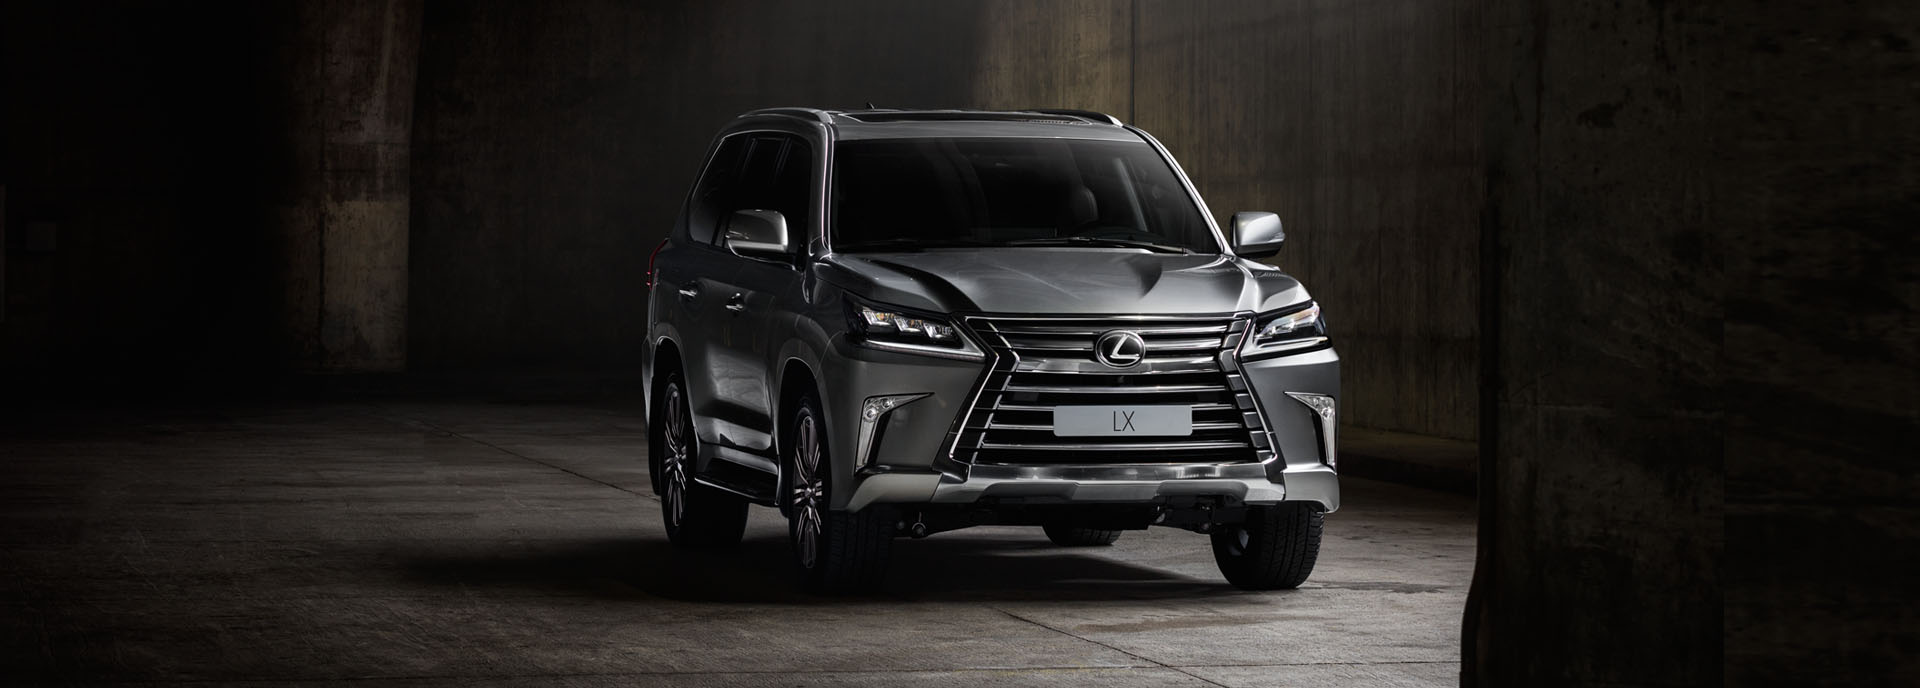 вигідні серпневі пропозиції на флагманський позашляховик Lexus LX